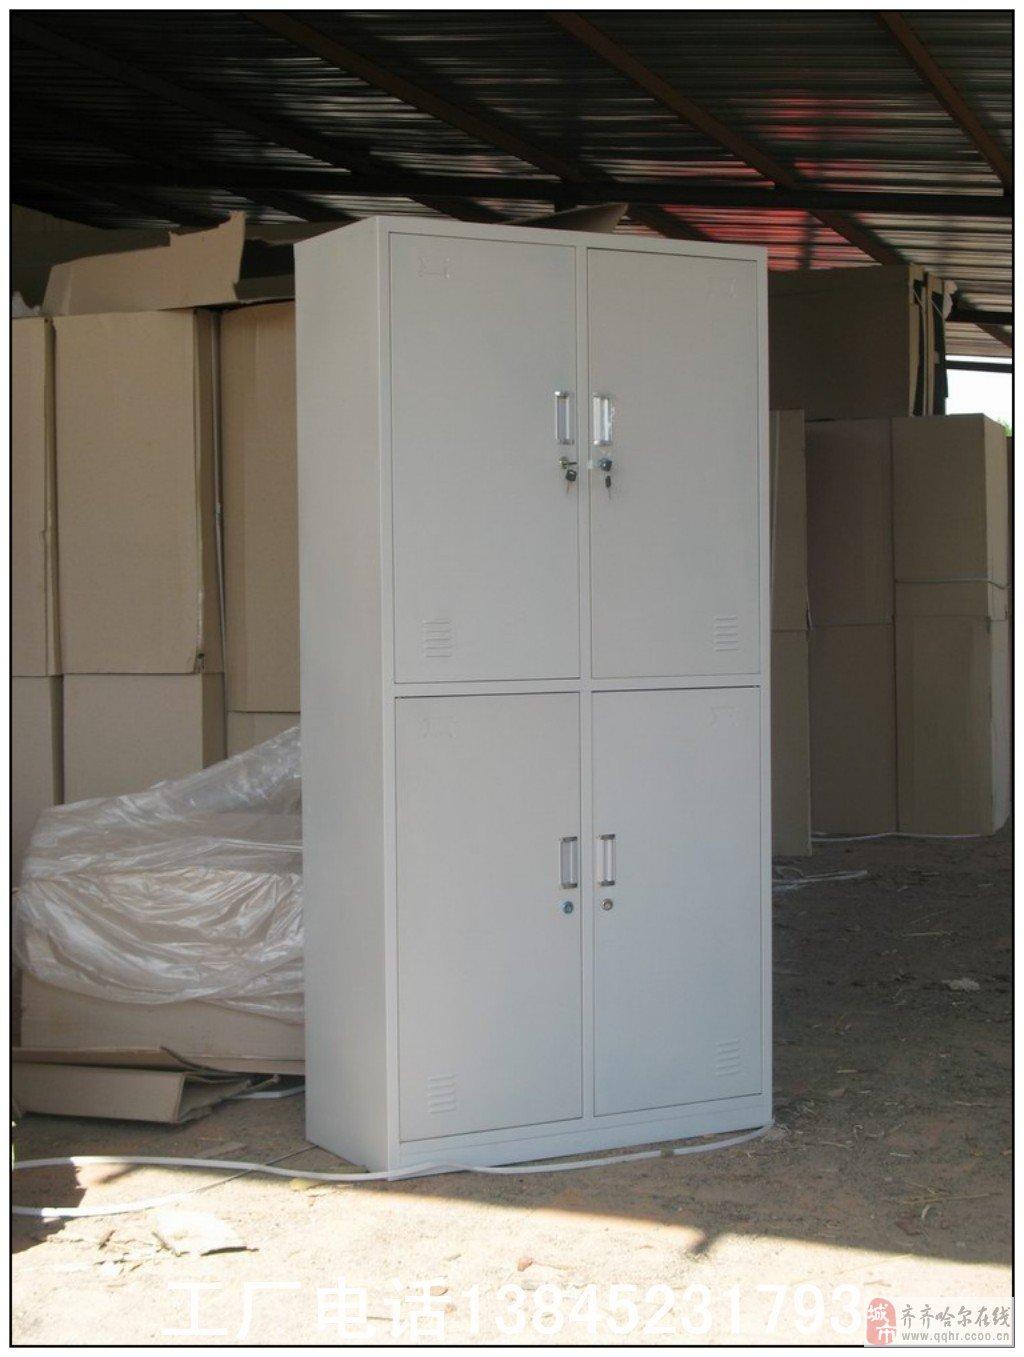 铁卷柜 保险柜 阳台柜 储物柜 密集架工厂低价直销